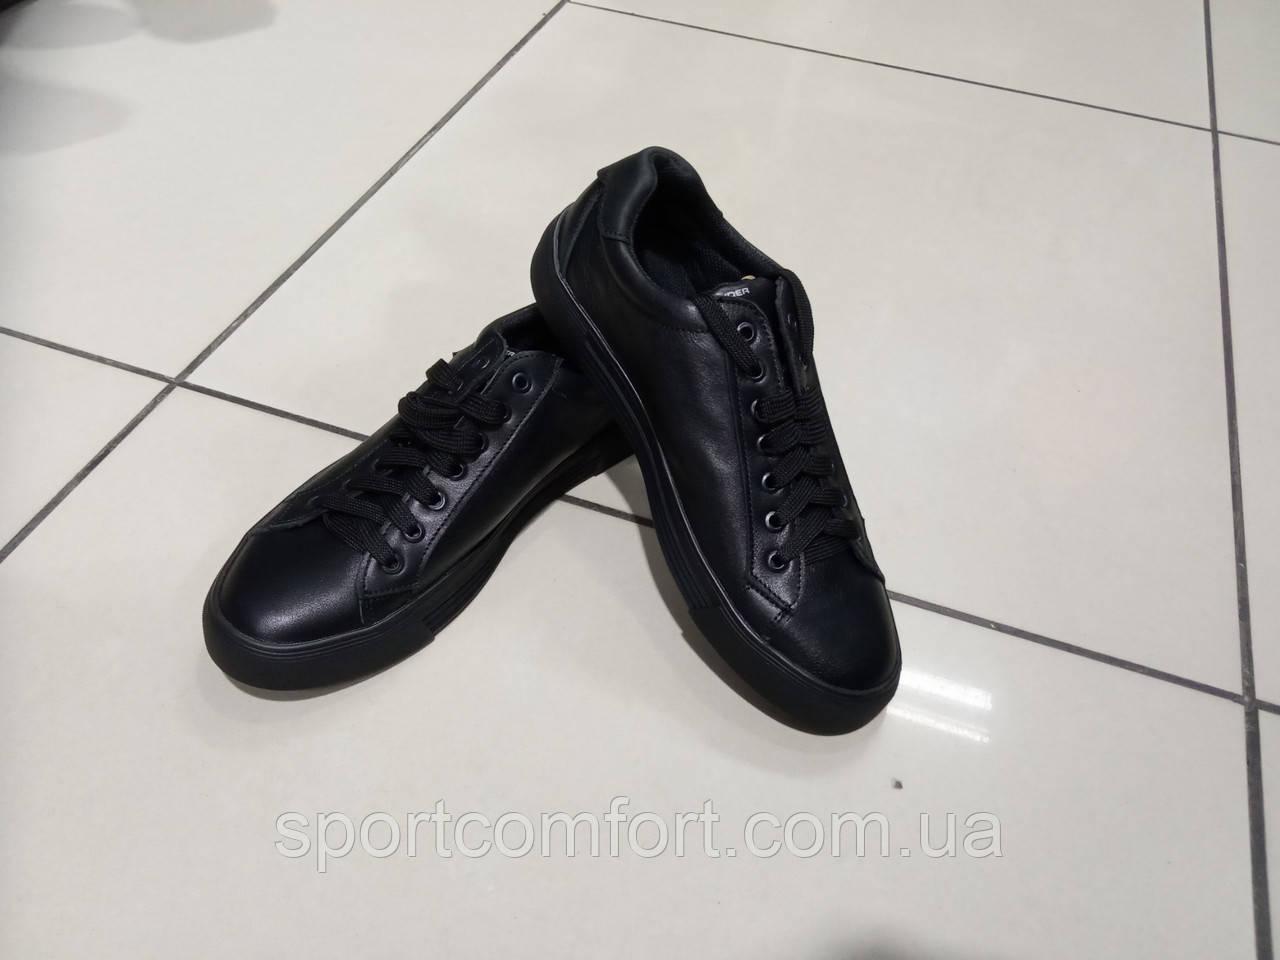 Кросівки(розмір 41) чорні шкіра under armour